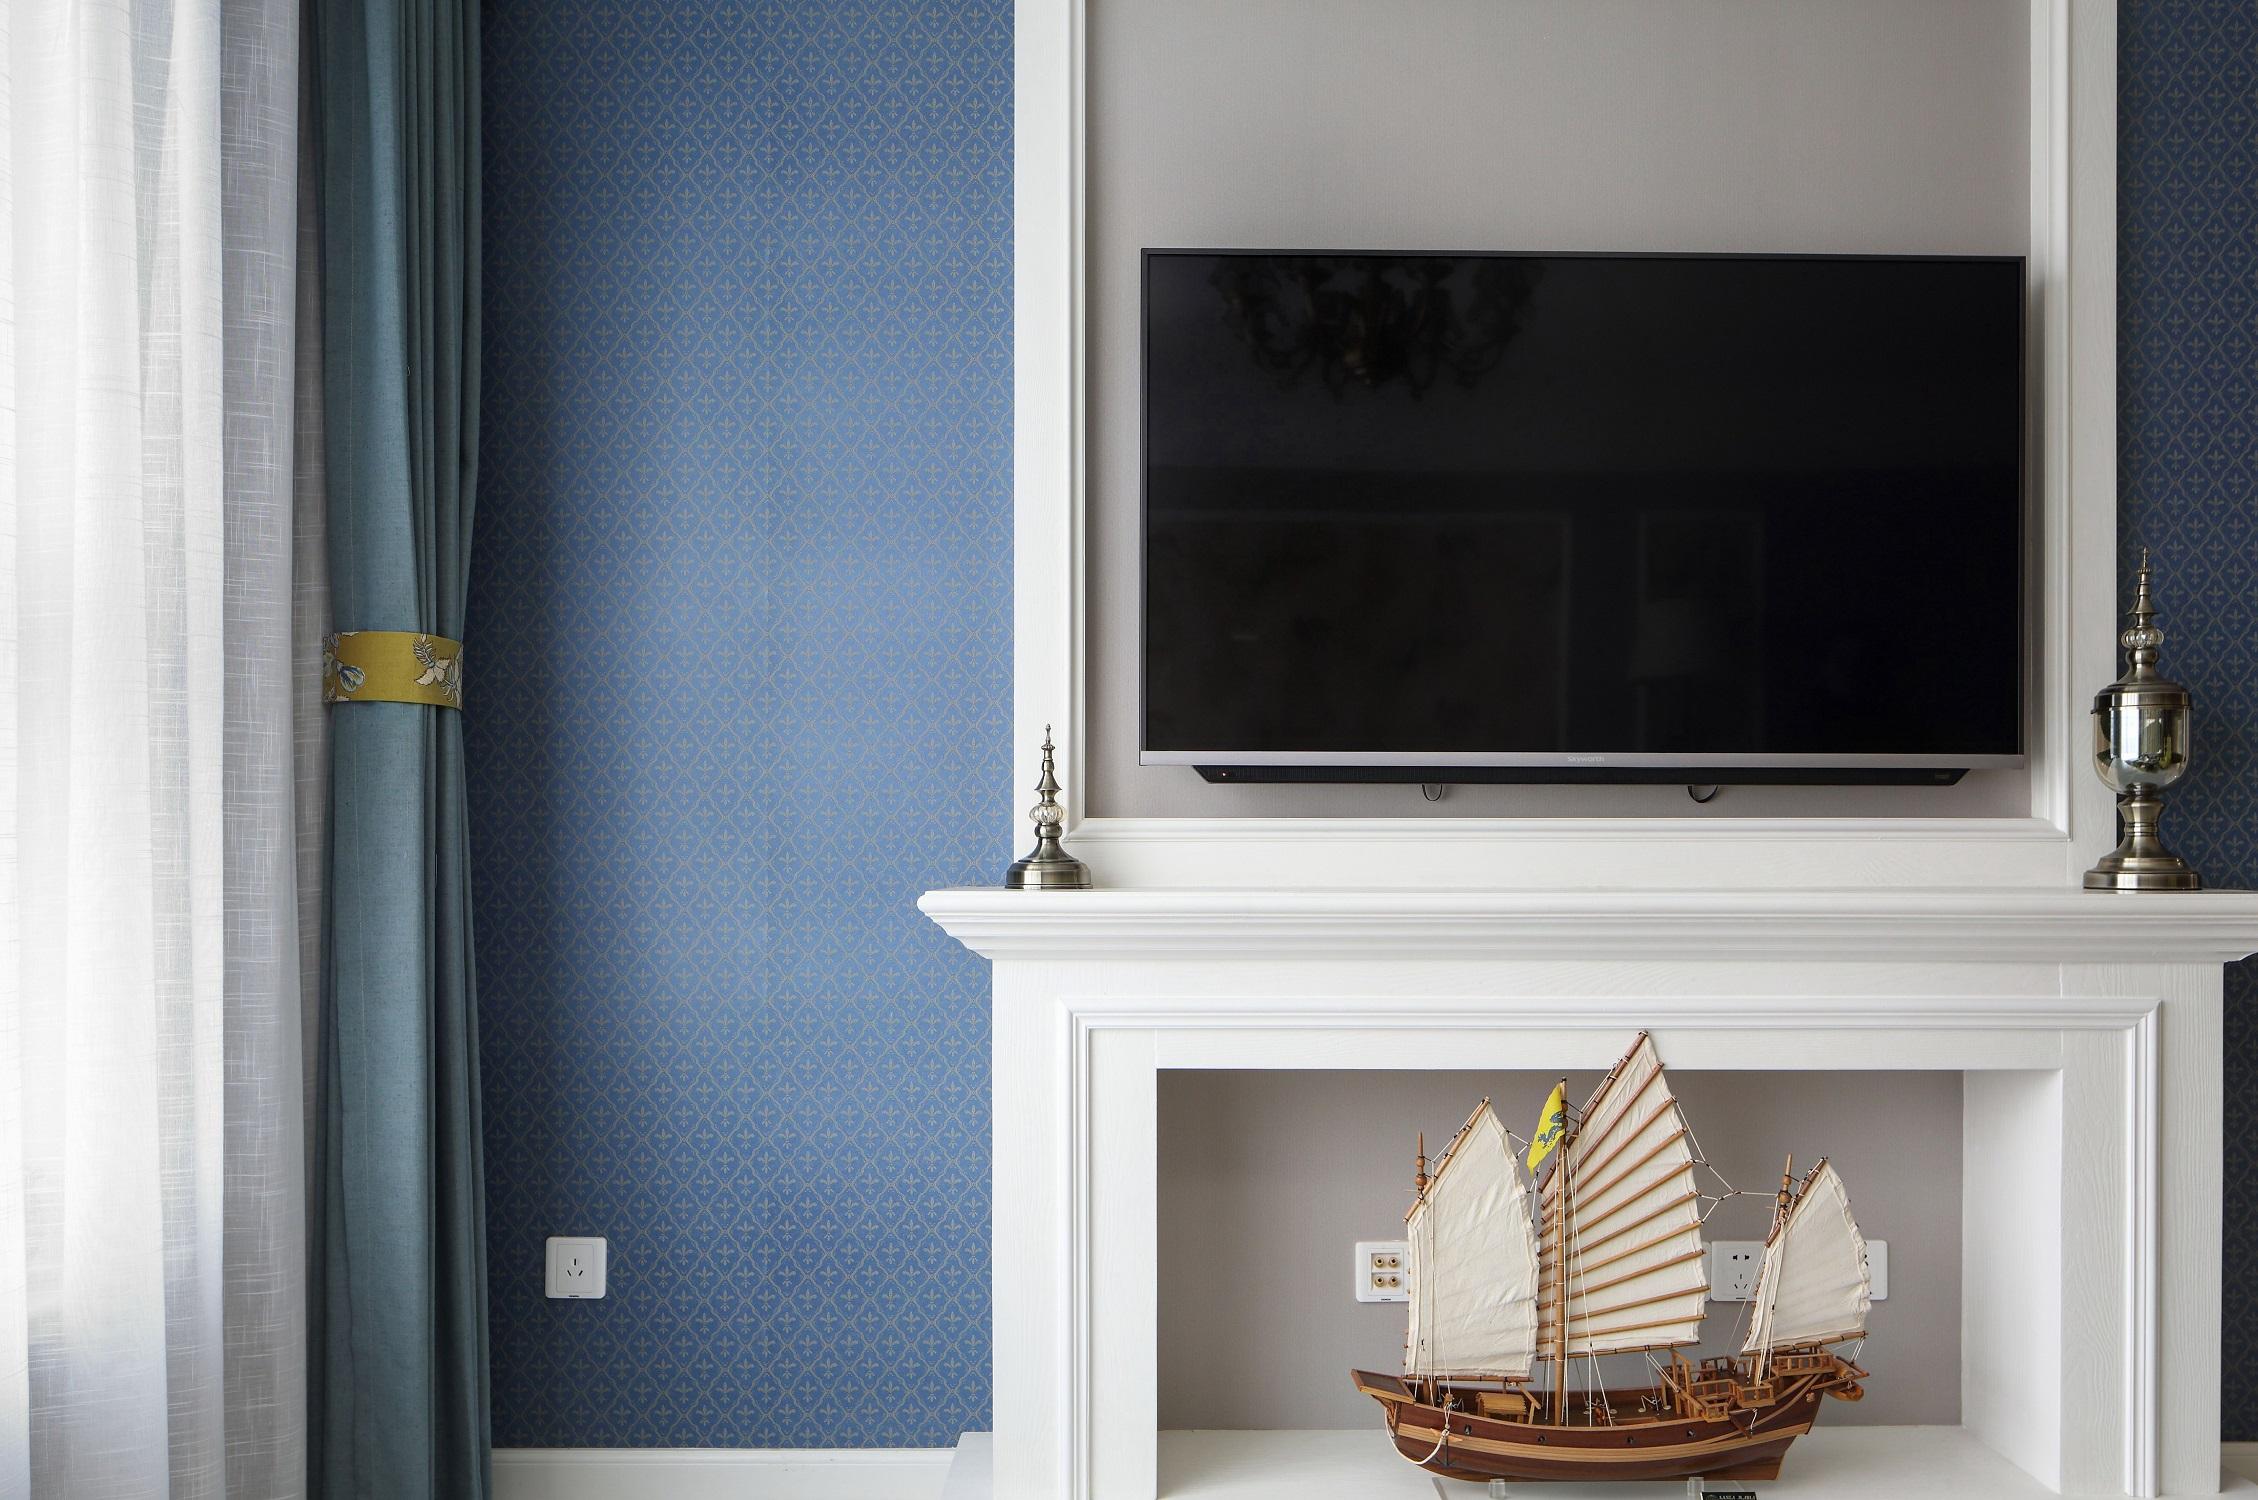 100㎡美式之家装饰壁炉图片